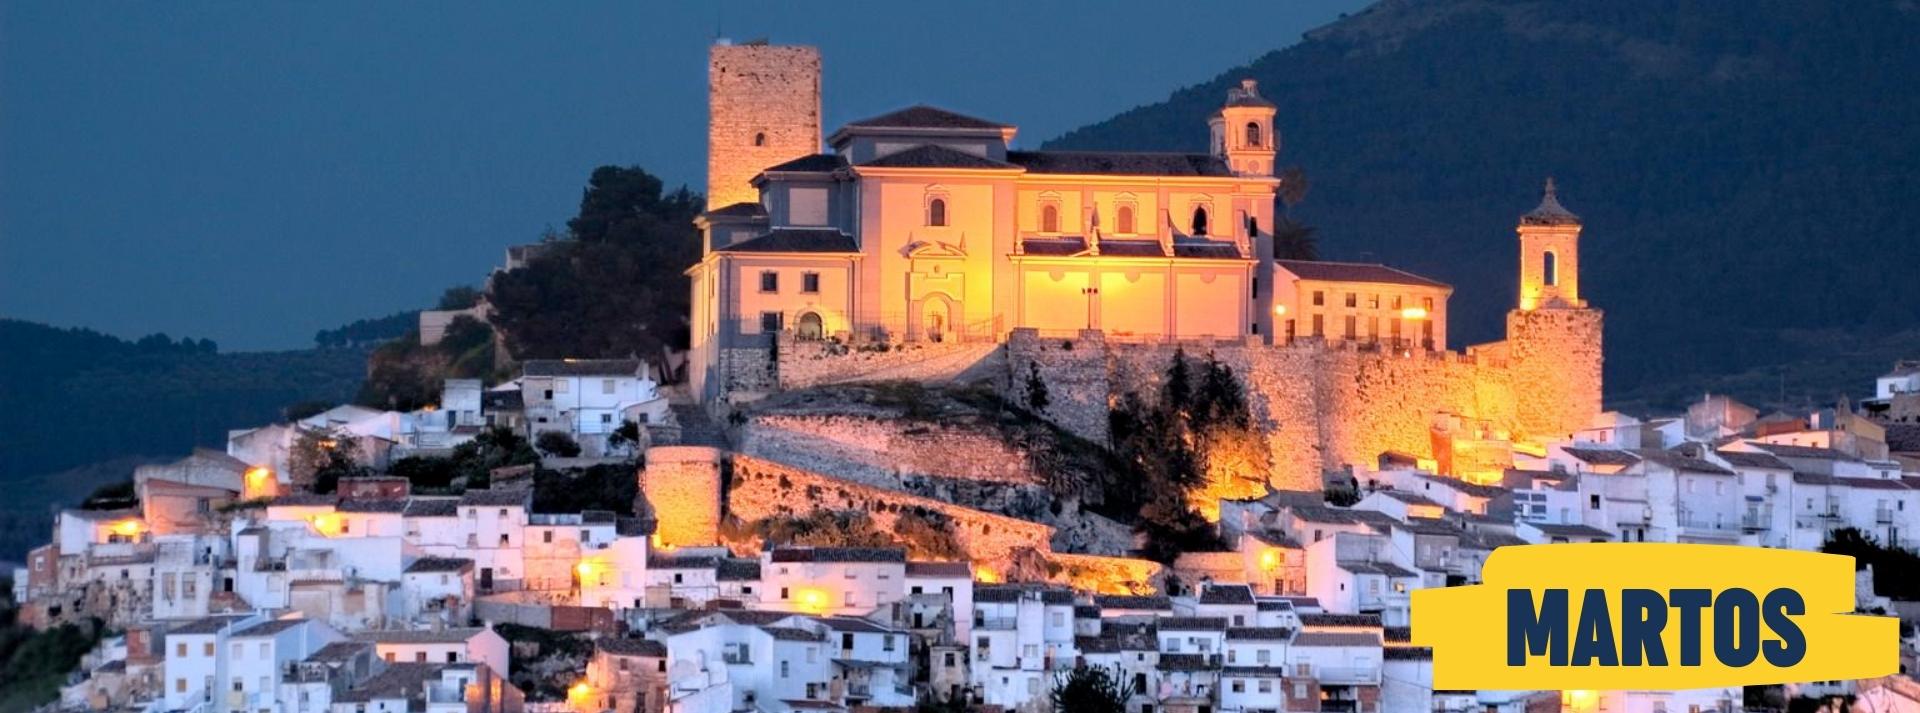 Europroyectos - Residences - Martos - Jaén - Andalucía - Spain